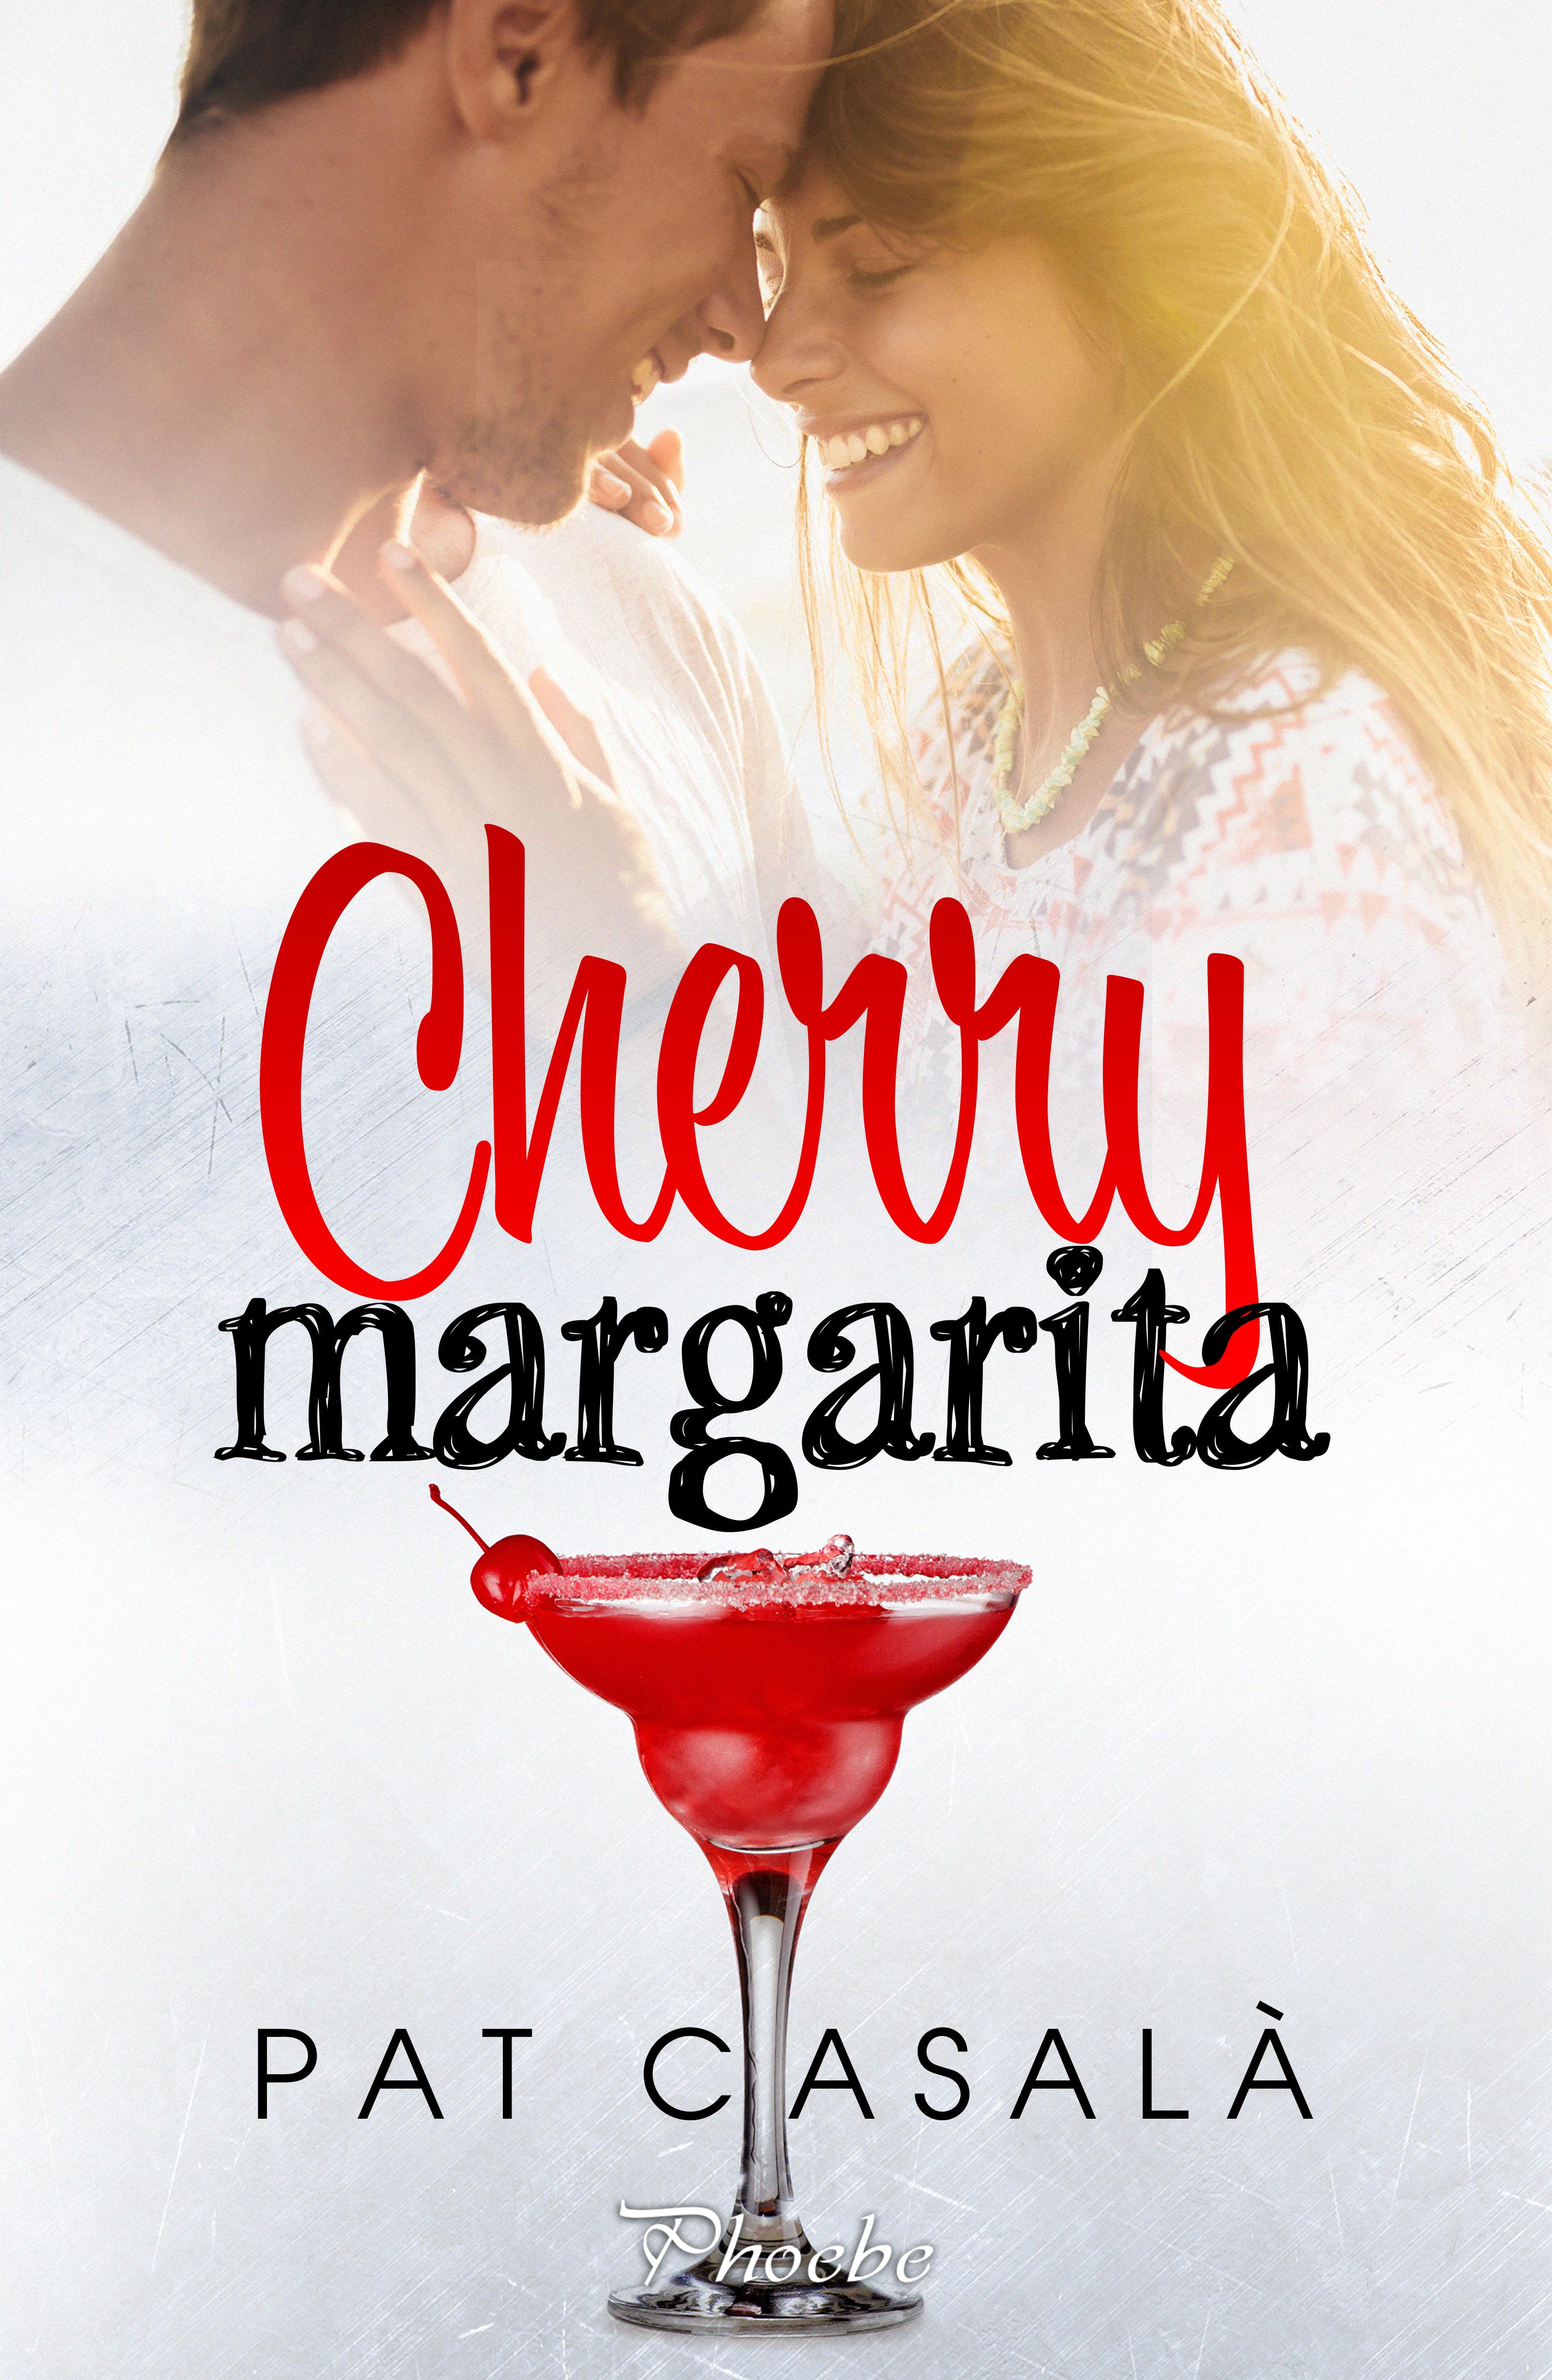 Cherrymargarita_cubierta_RGB_3000